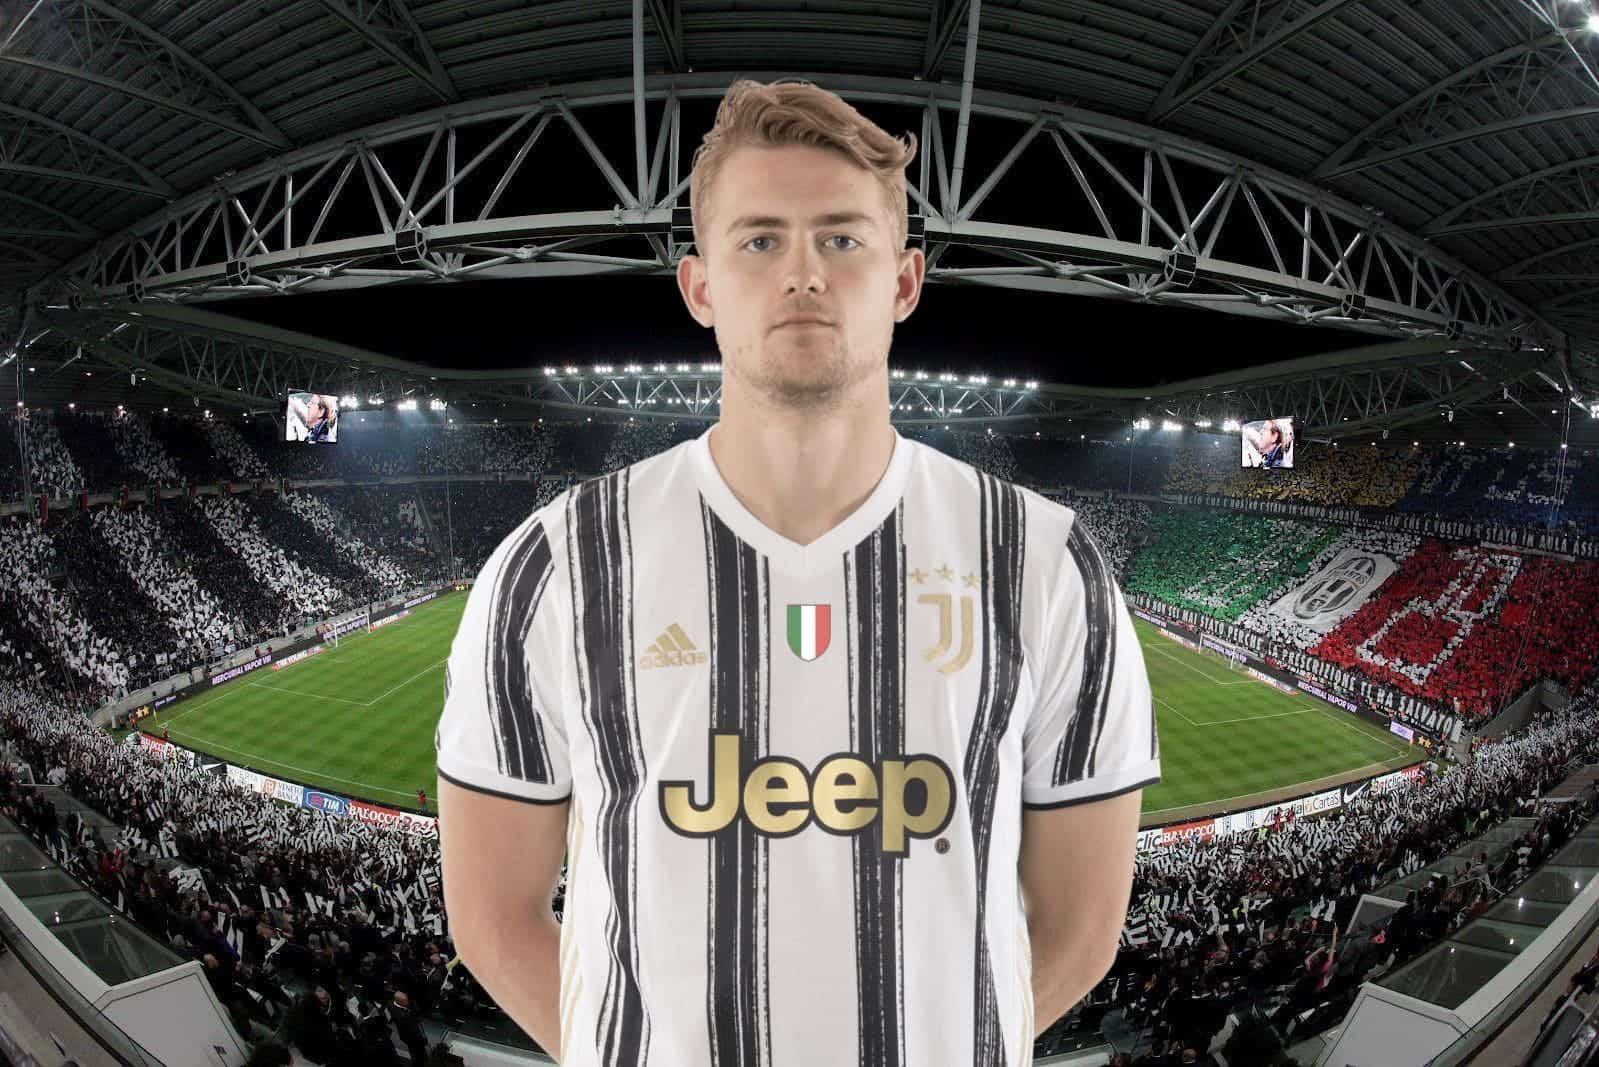 """Benevento Juventus, la moviola di """"Tuttosport"""": c'era un rigore su De Ligt"""